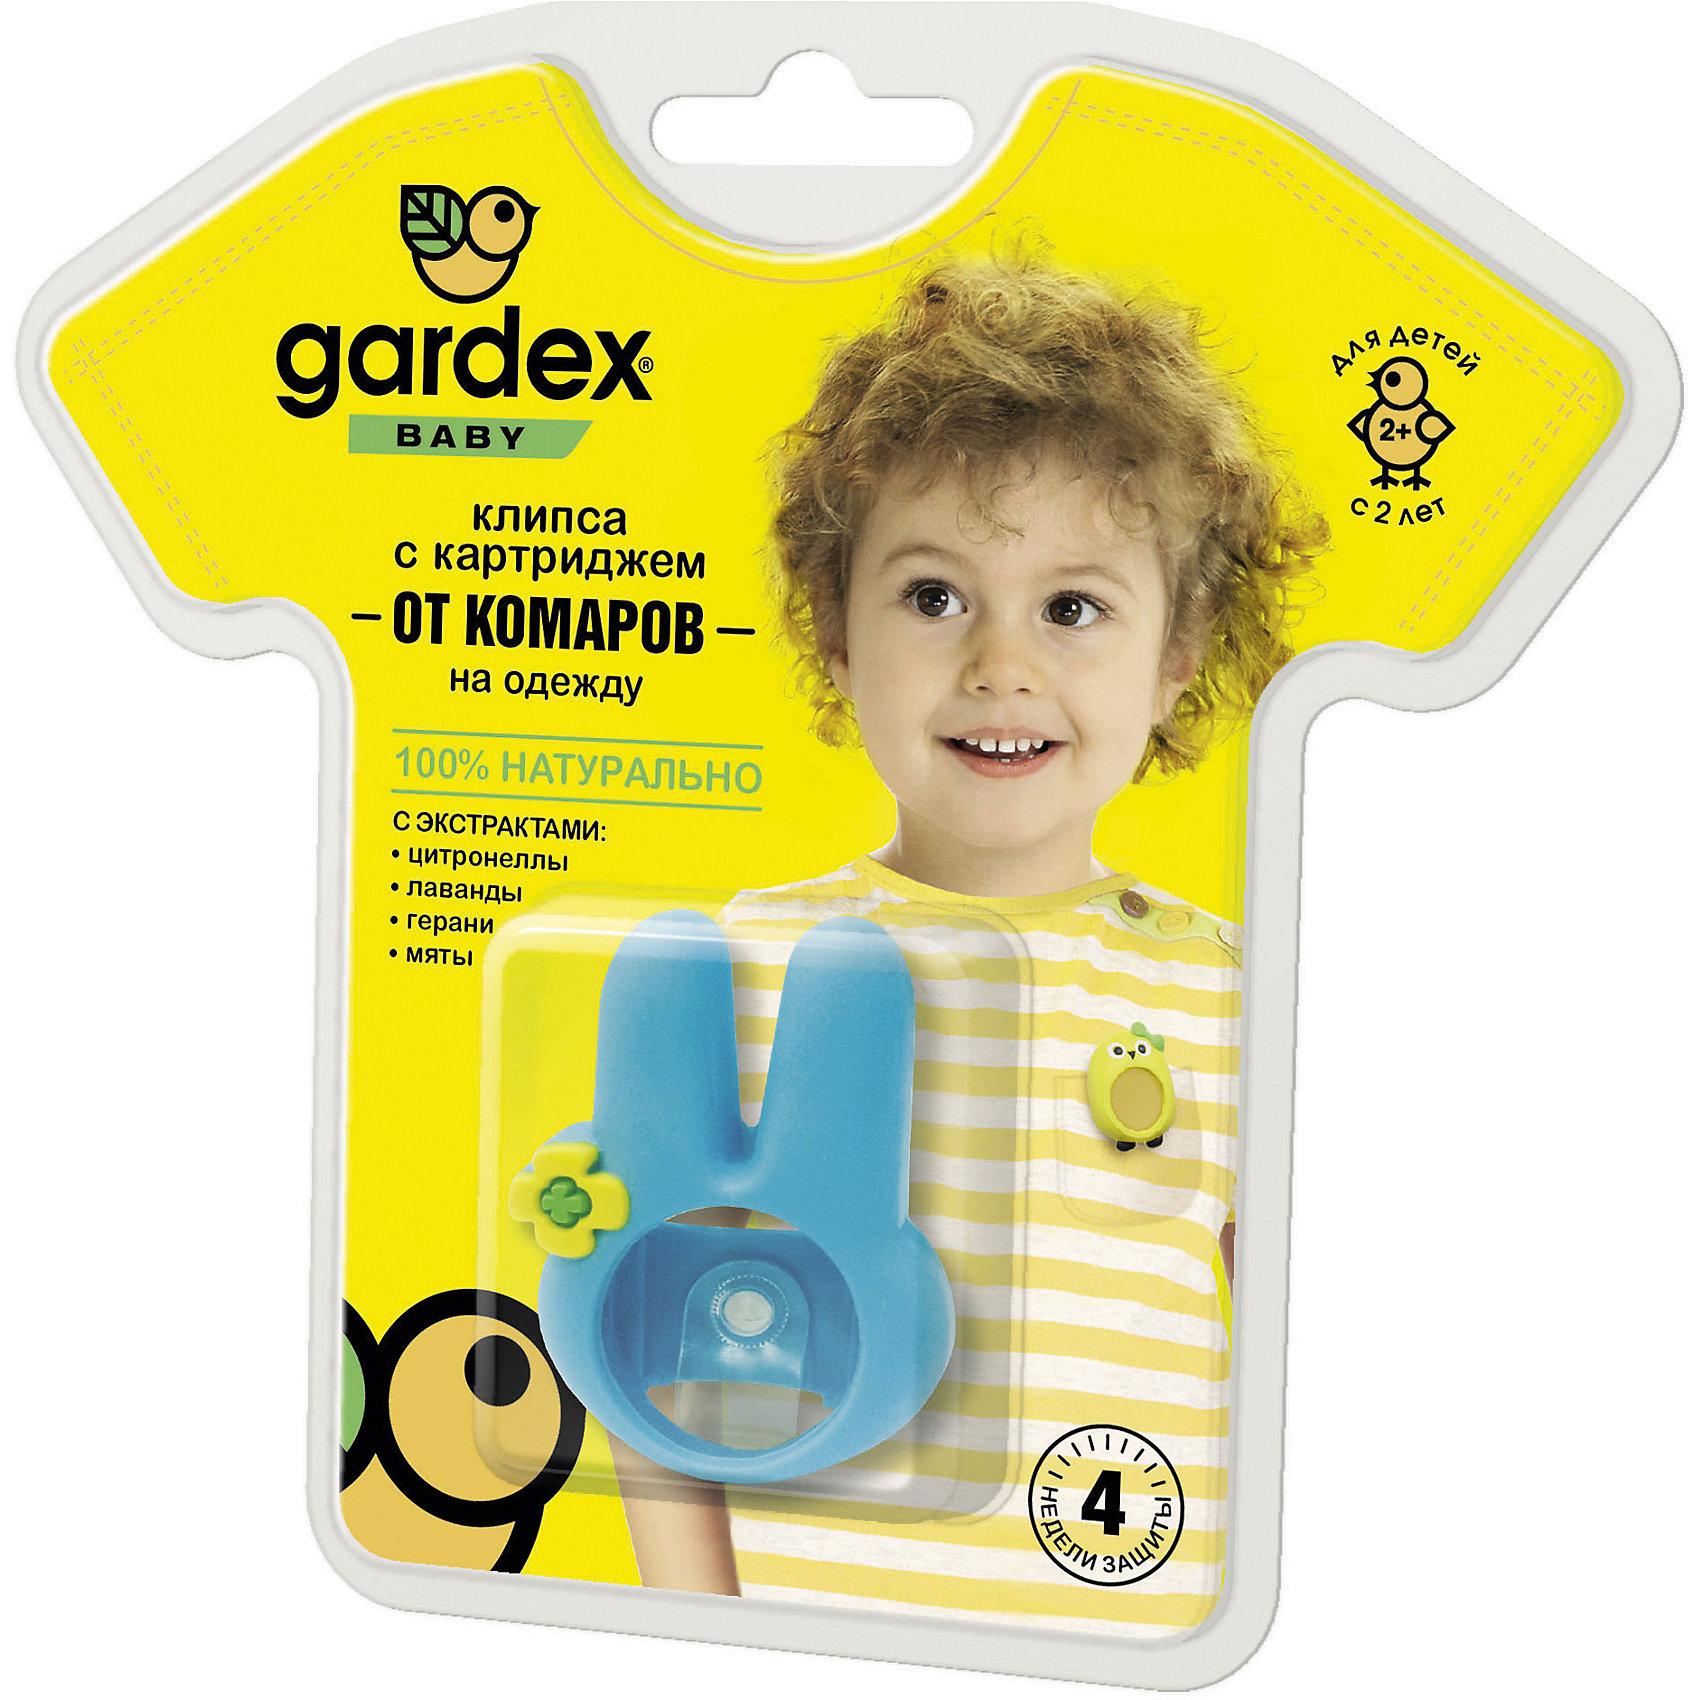 Клипса с картриджем от комаров, с 2-х лет, Gardex Baby